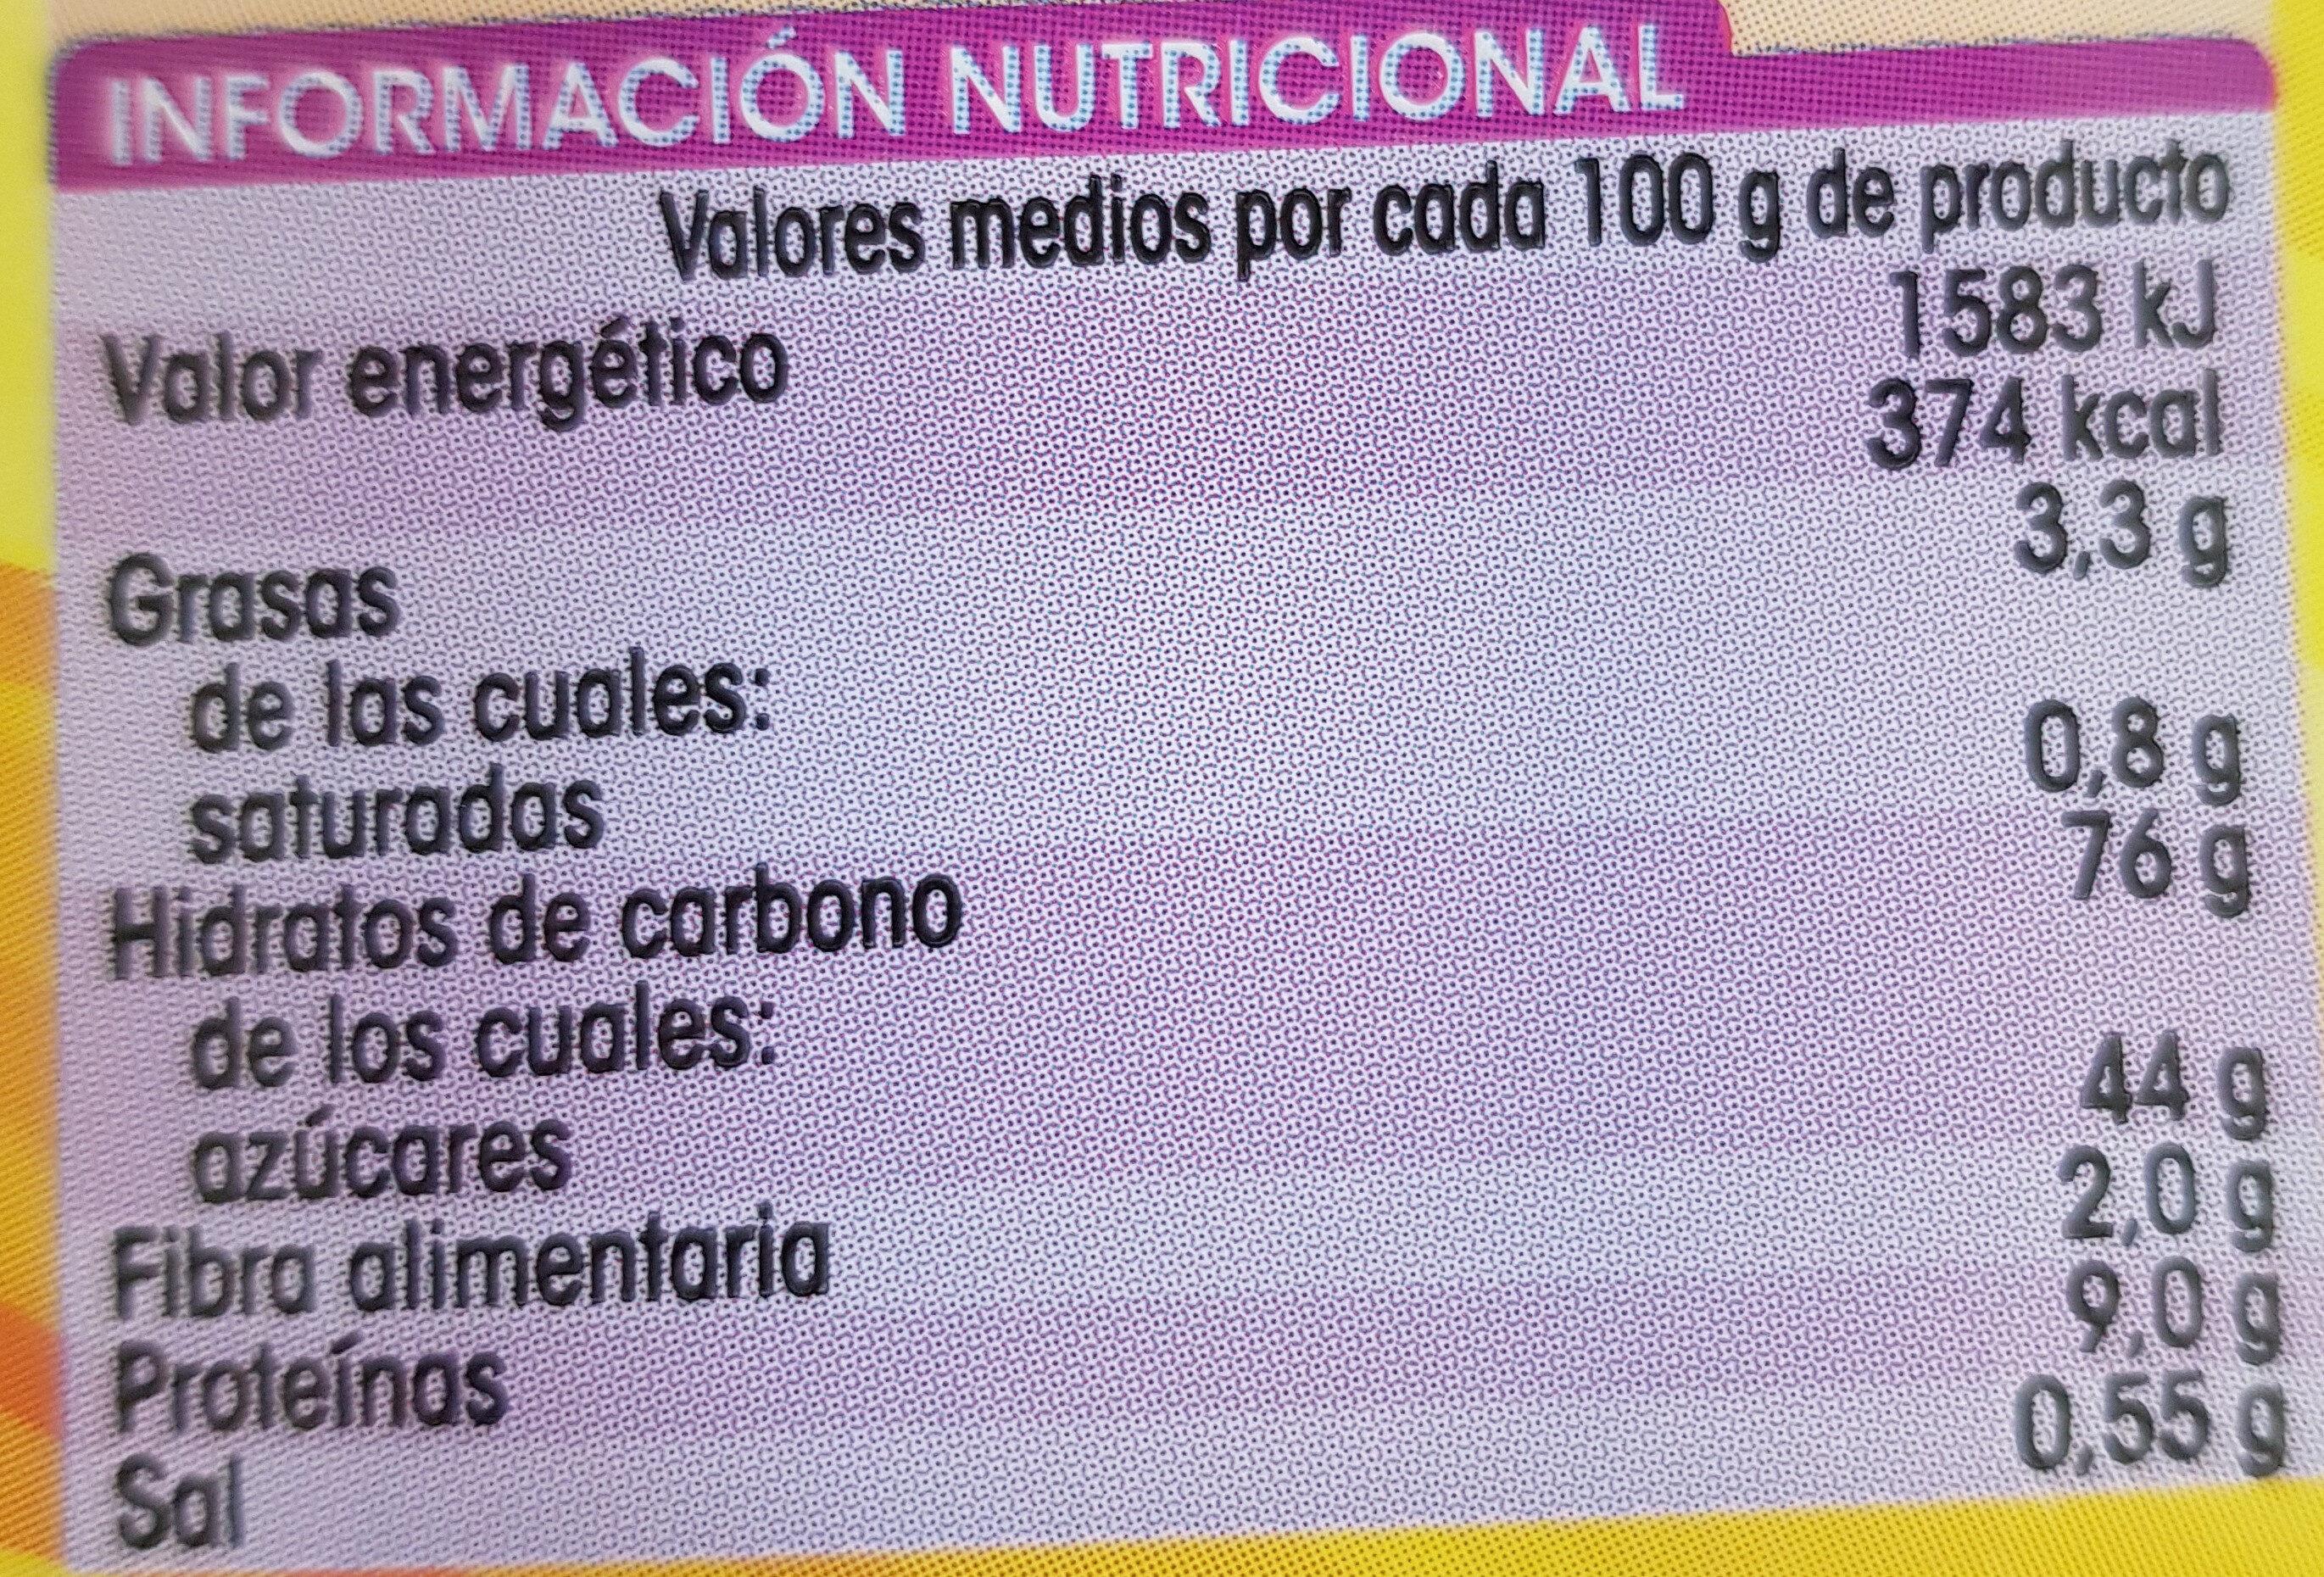 Bizcocho al huevo - Información nutricional